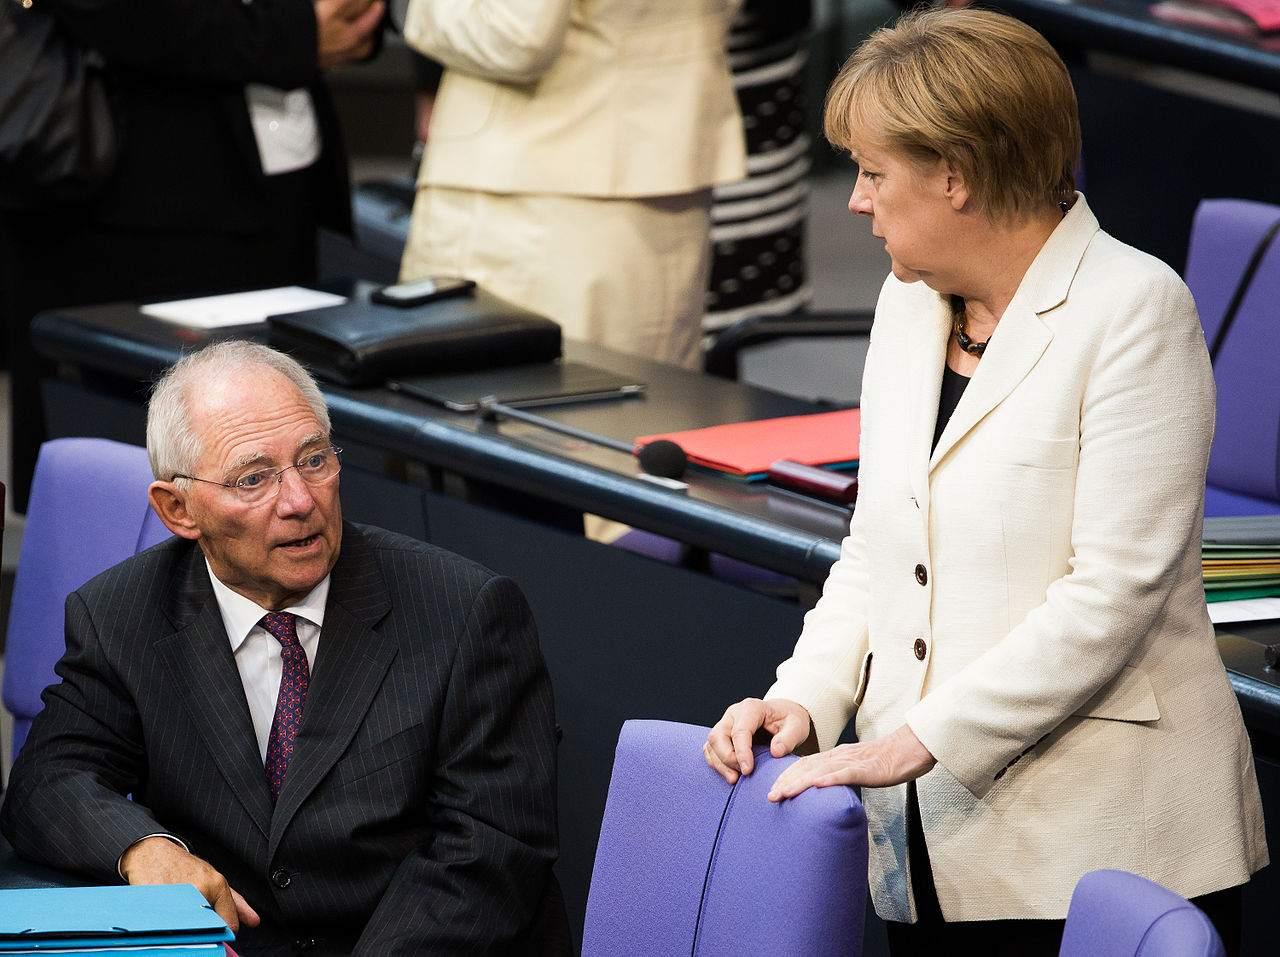 Wolfgang Schäuble hat für Angela Merkel das Griechenland-Paket durchgepeitscht